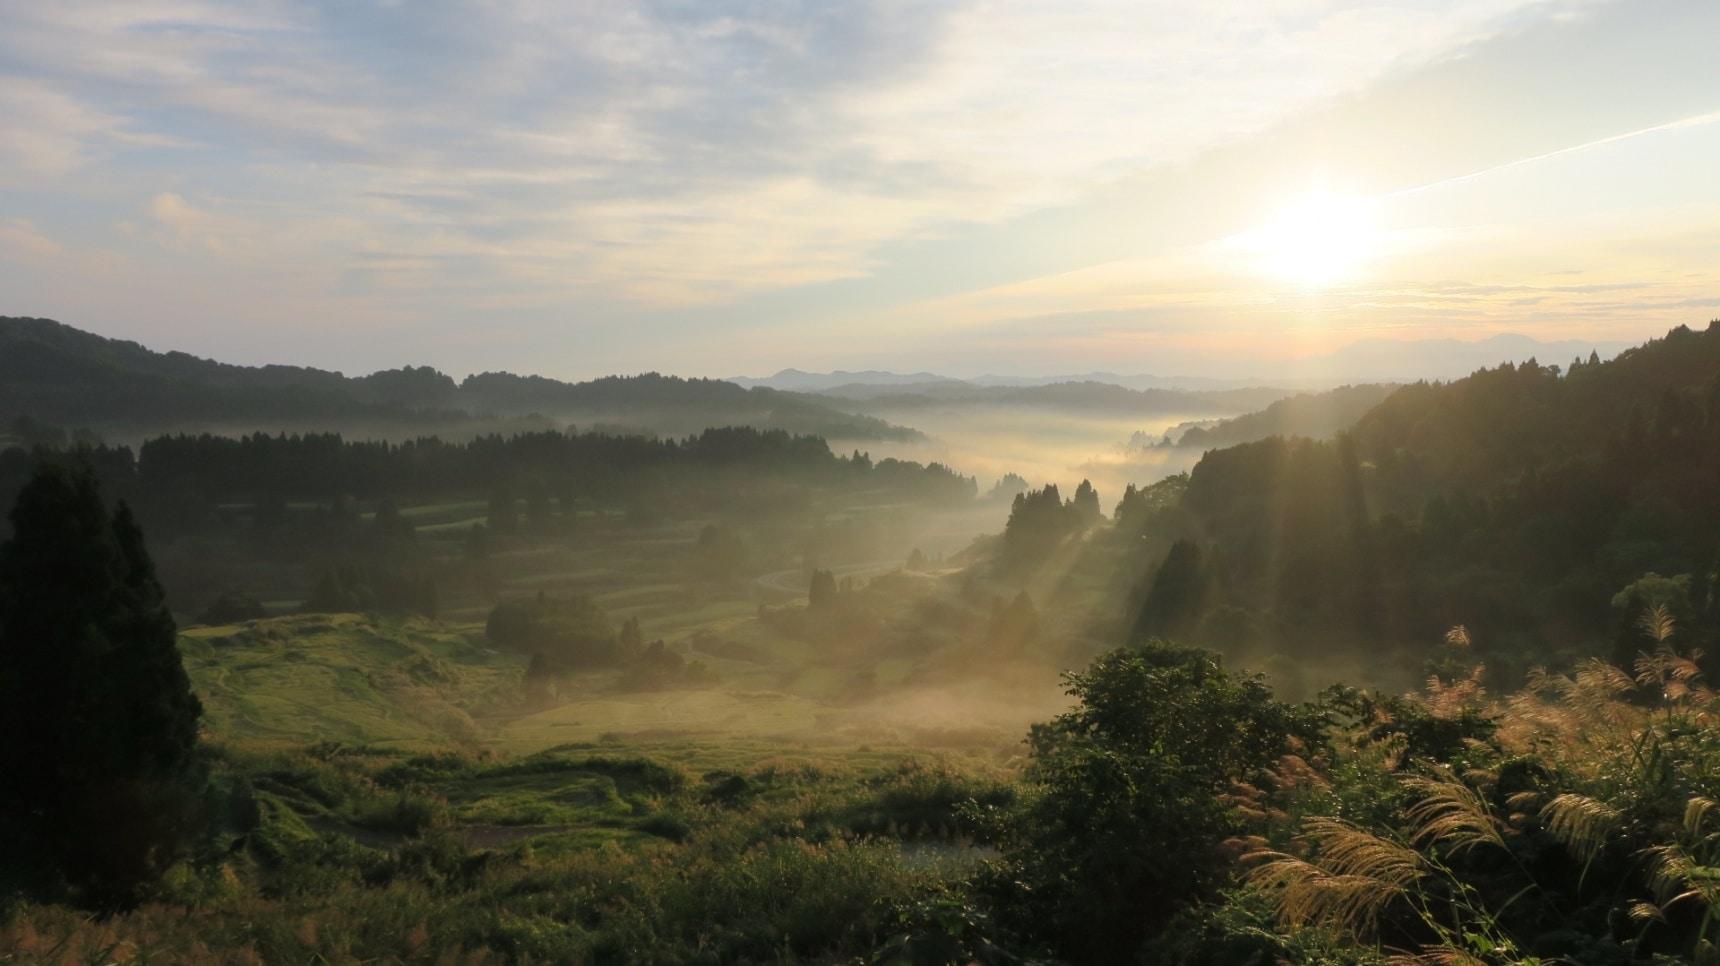 日本自由行:玩转新潟!除了大米,这里还有最棒的夏日绝景!